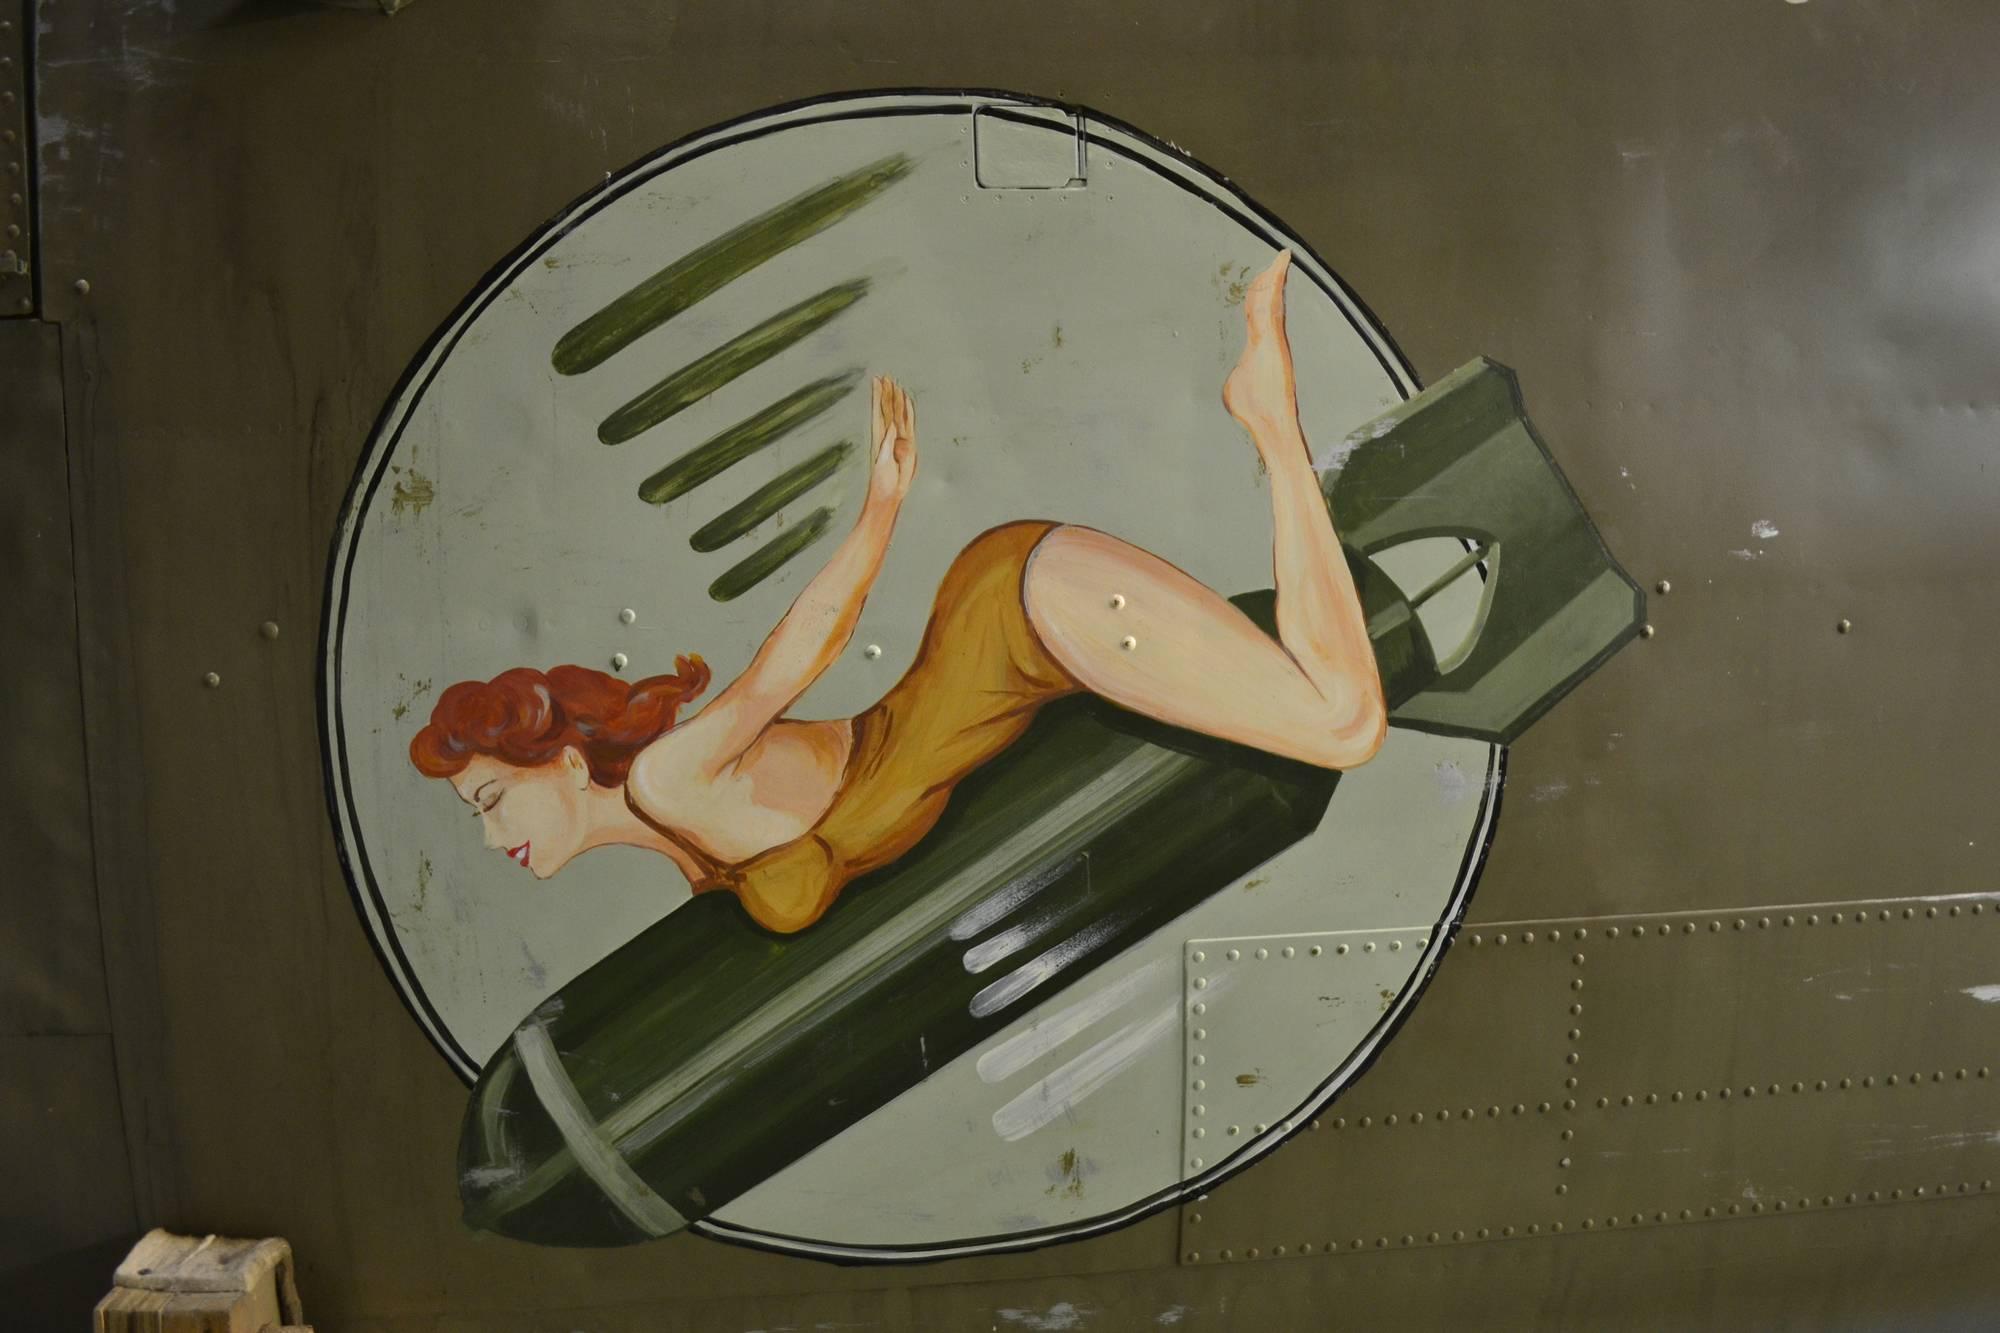 BAPA B-25 nose art (Photo © BAPA)